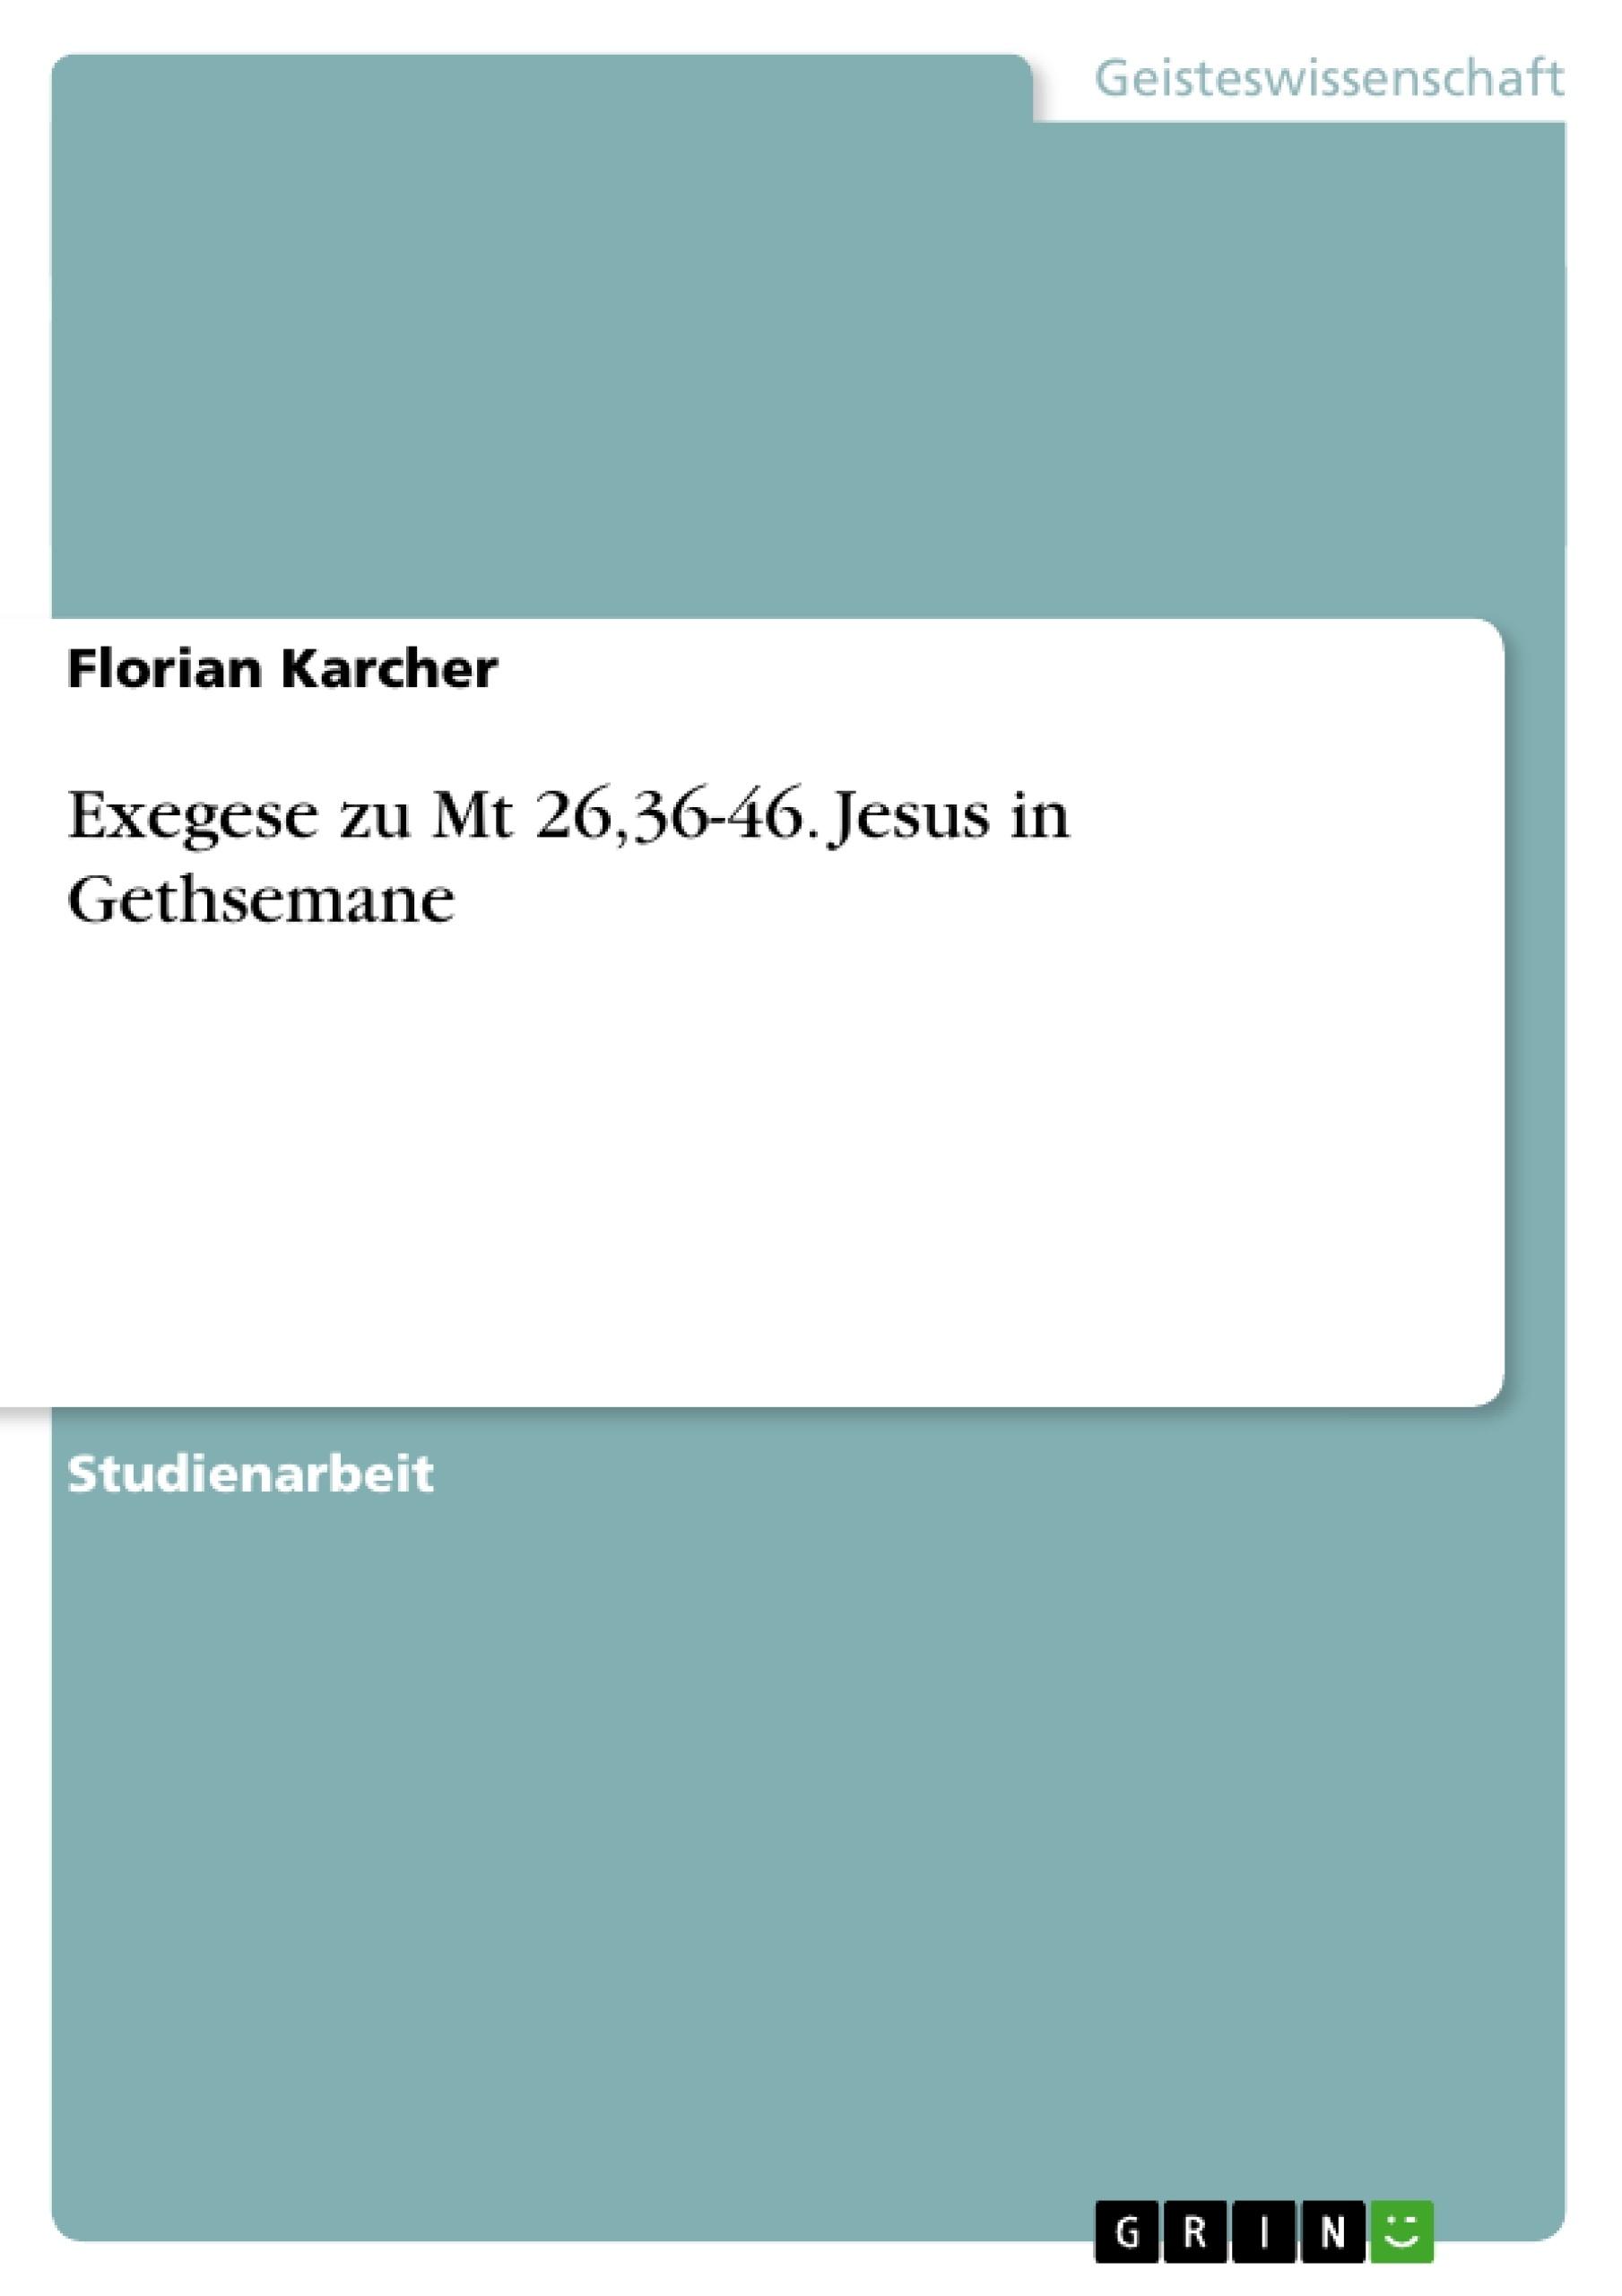 Titel: Exegese zu Mt 26,36-46. Jesus in Gethsemane